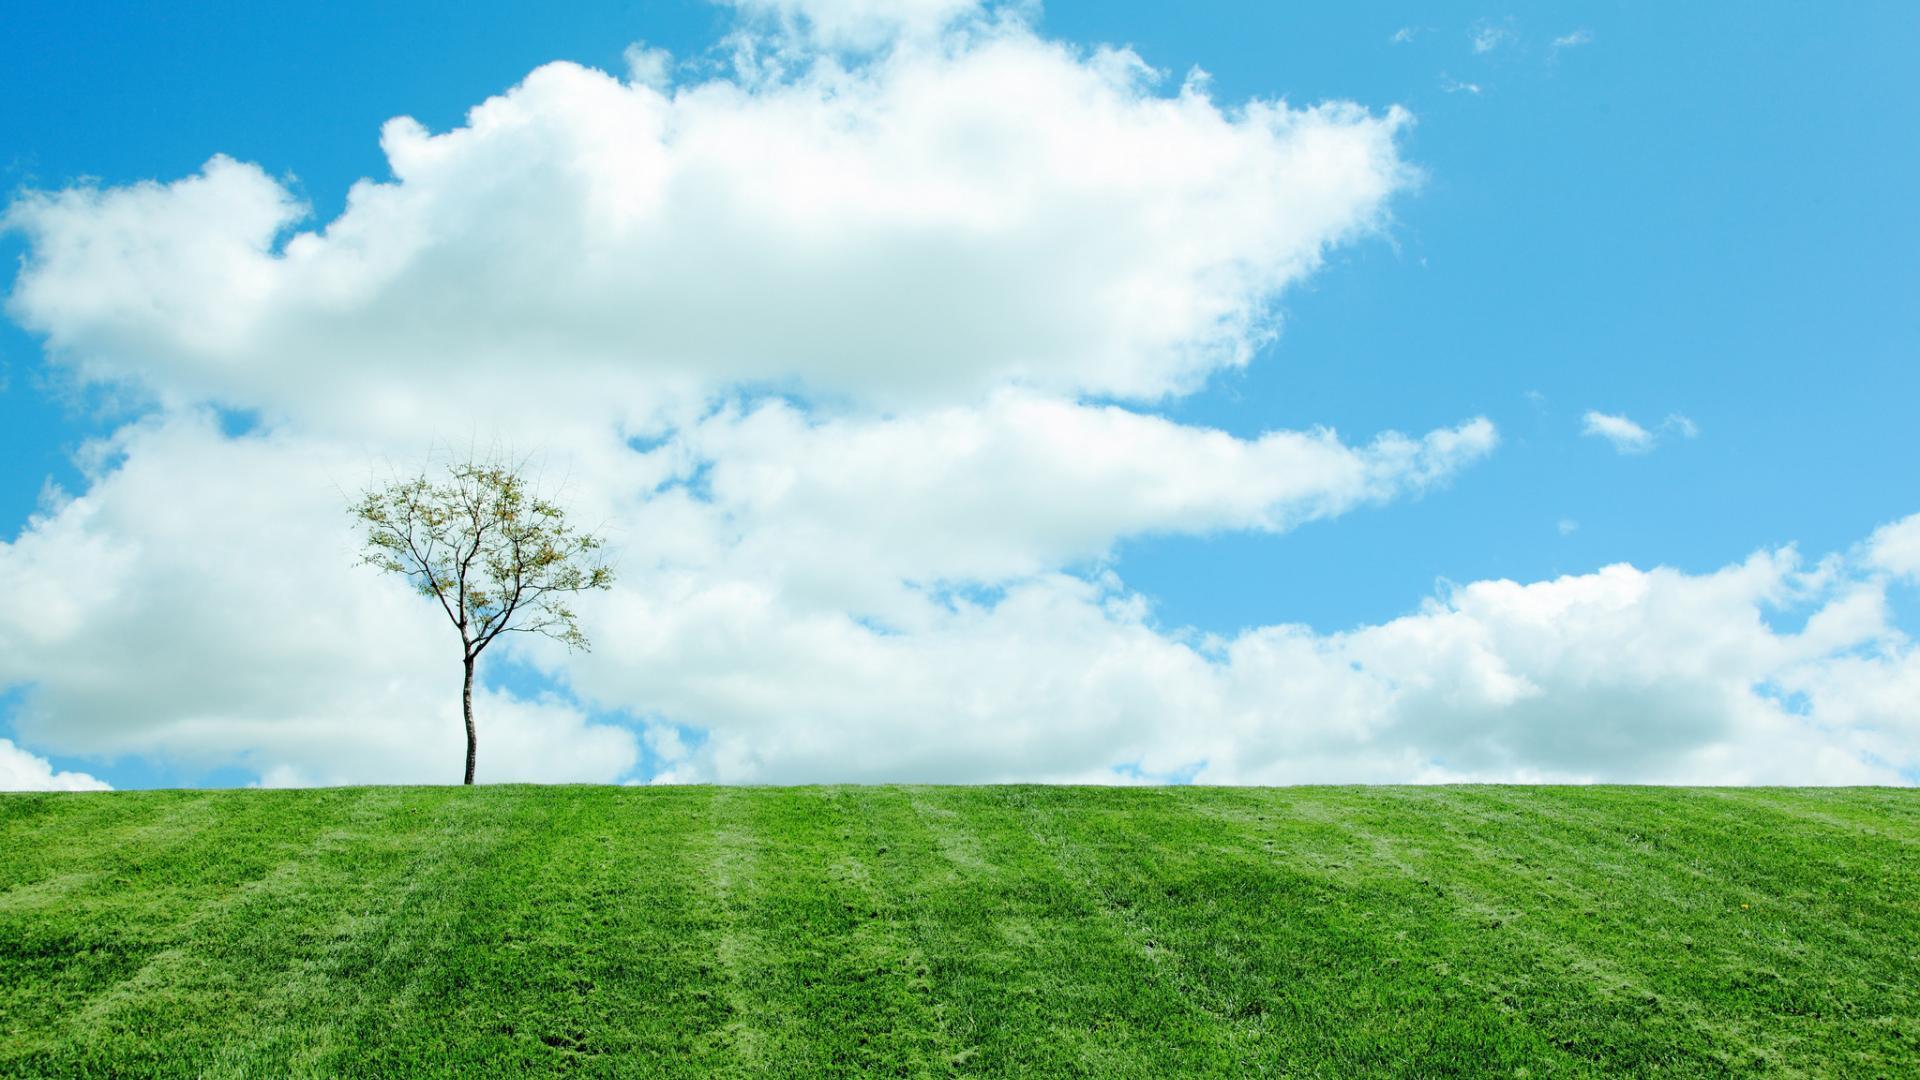 27536 скачать обои Пейзаж, Деревья, Поля, Облака - заставки и картинки бесплатно